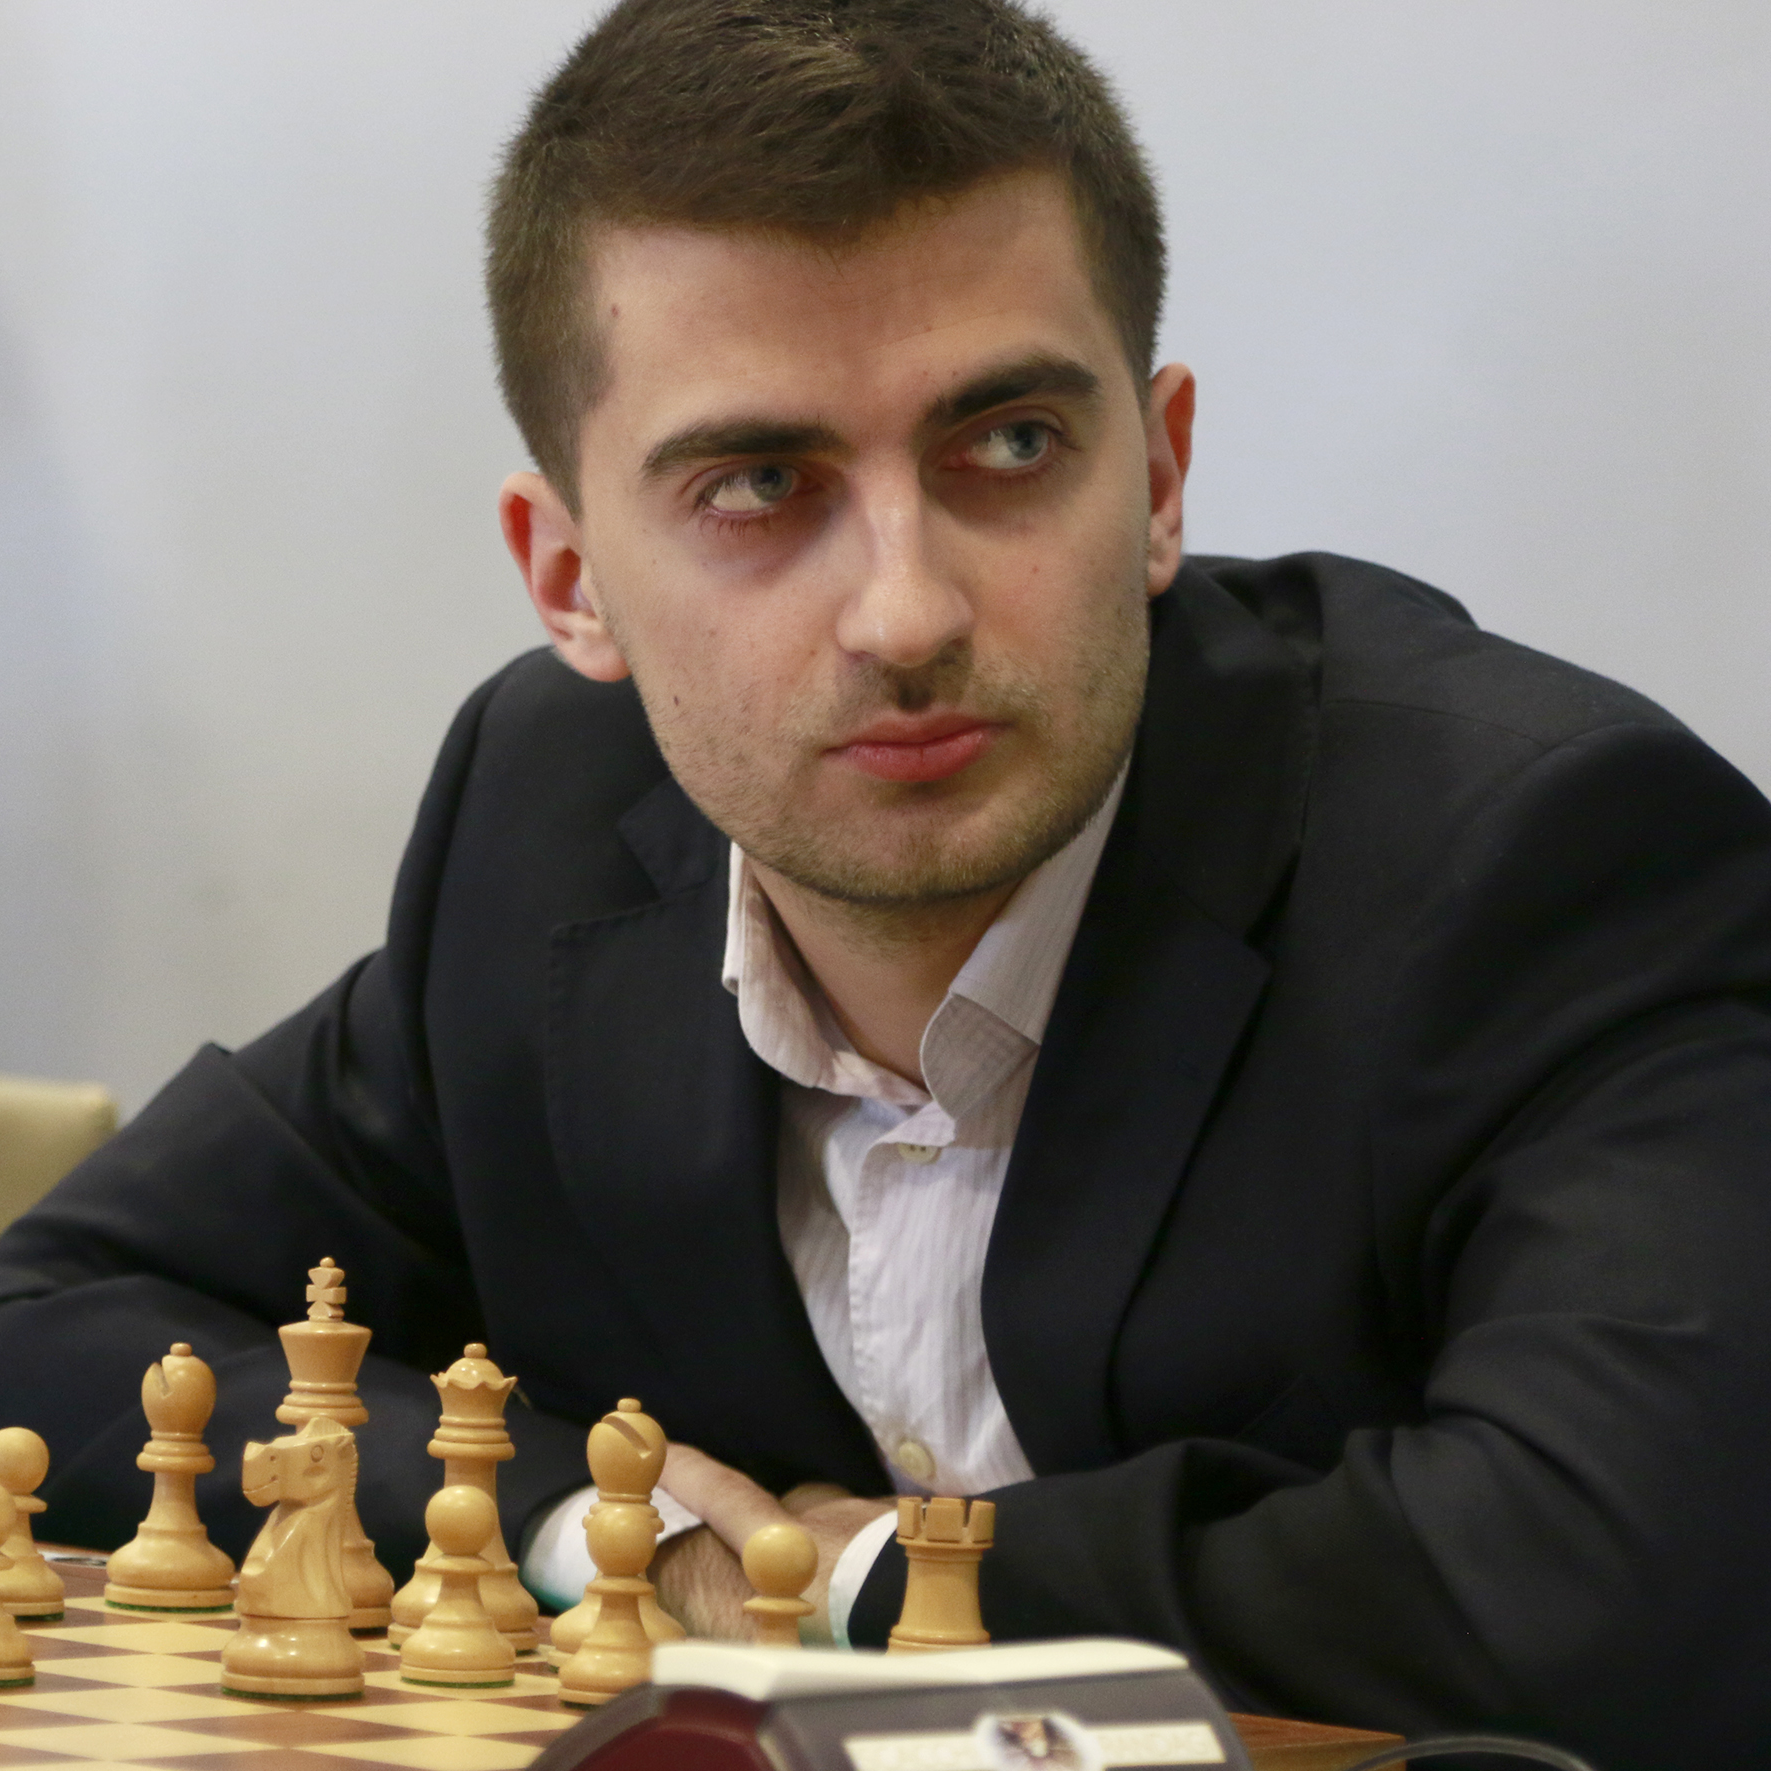 Danyyil Dvirnyy